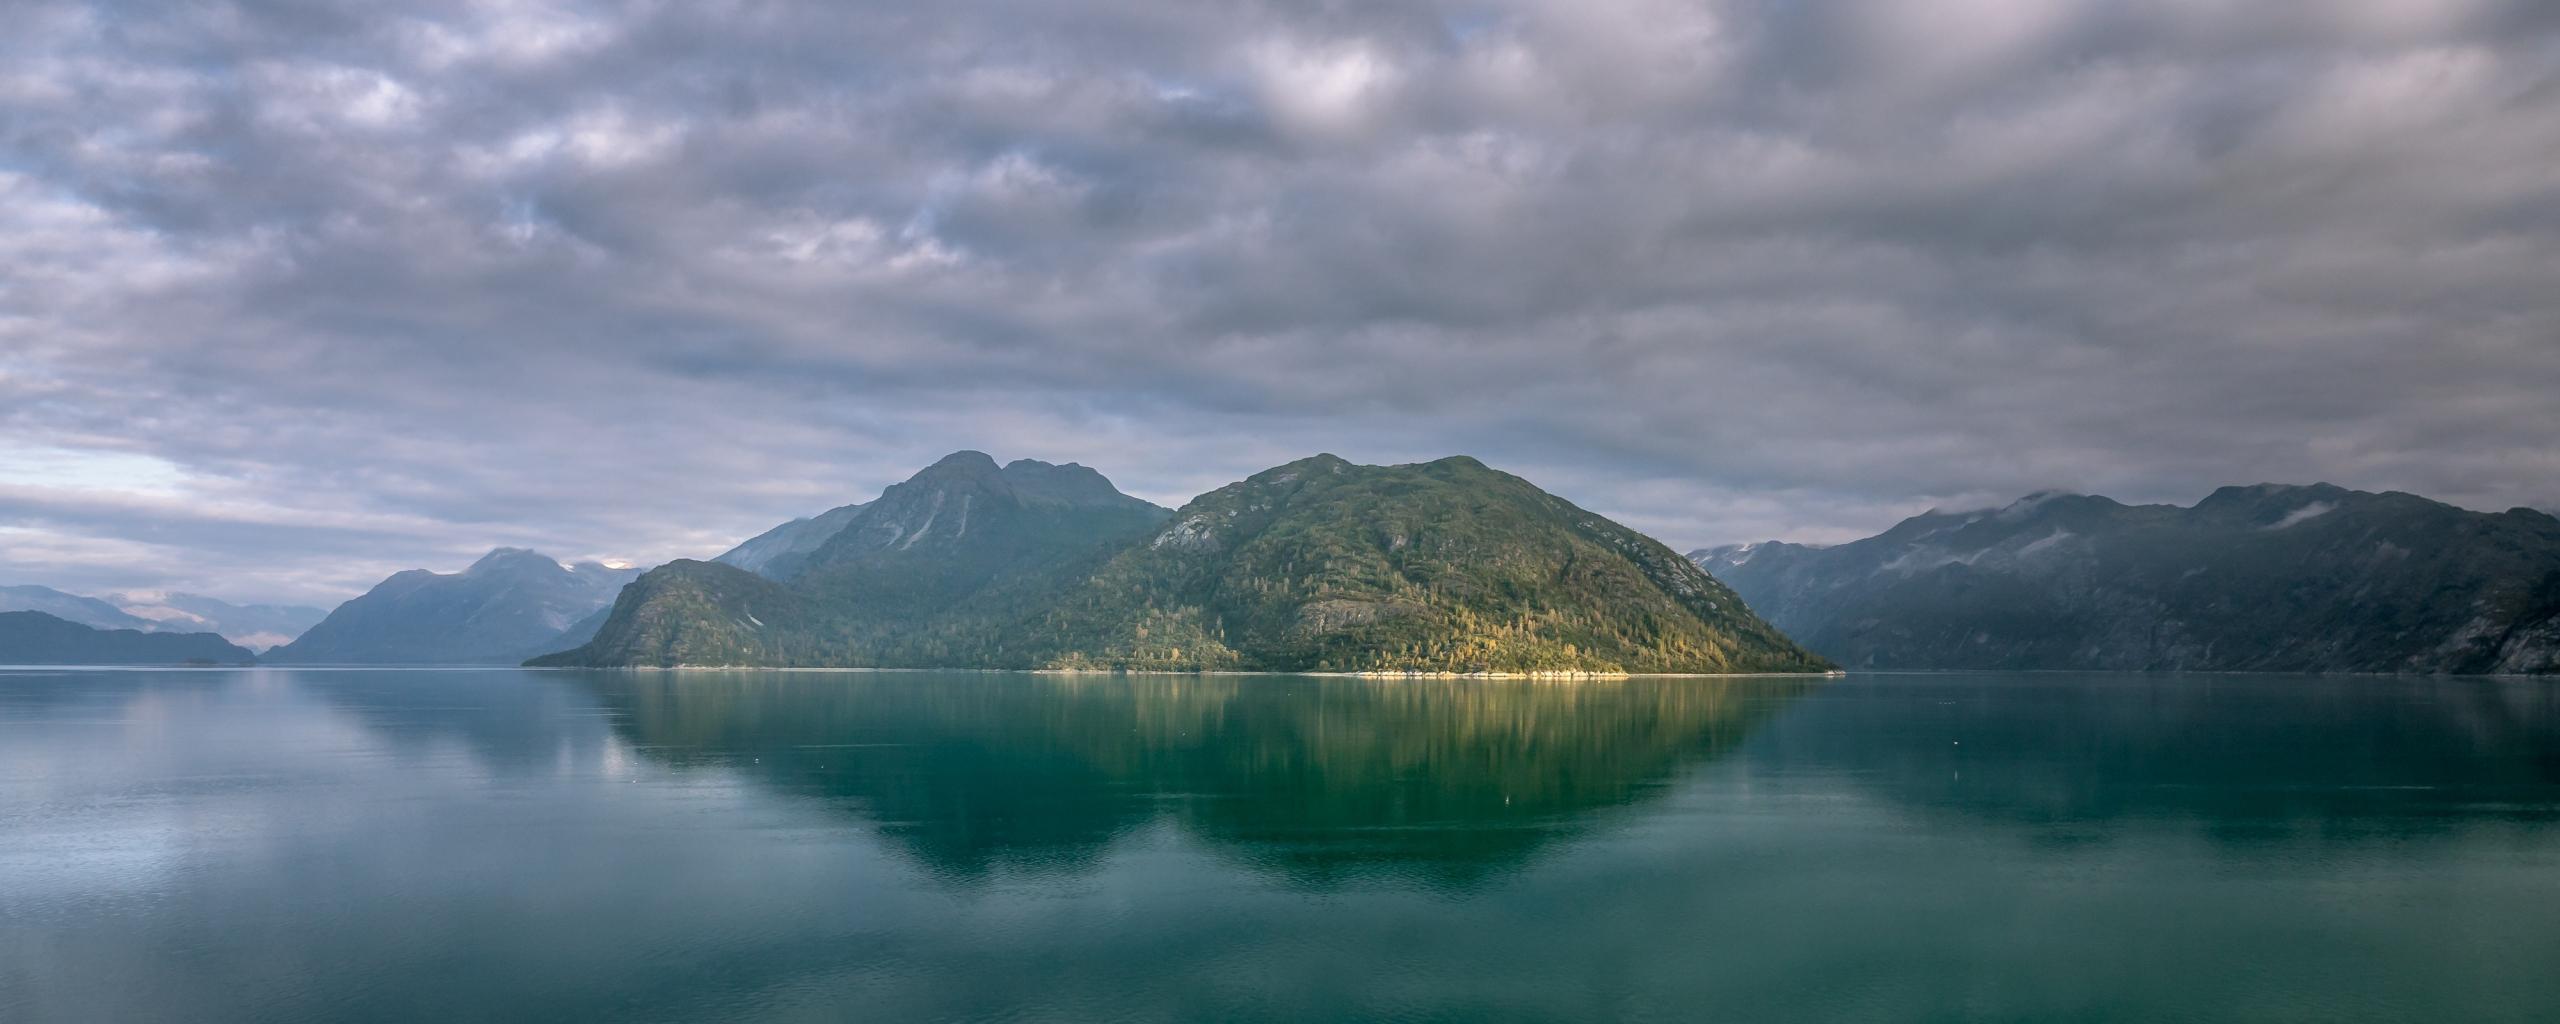 Alaska mountains, lake, clouds, 2560x1024 wallpaper